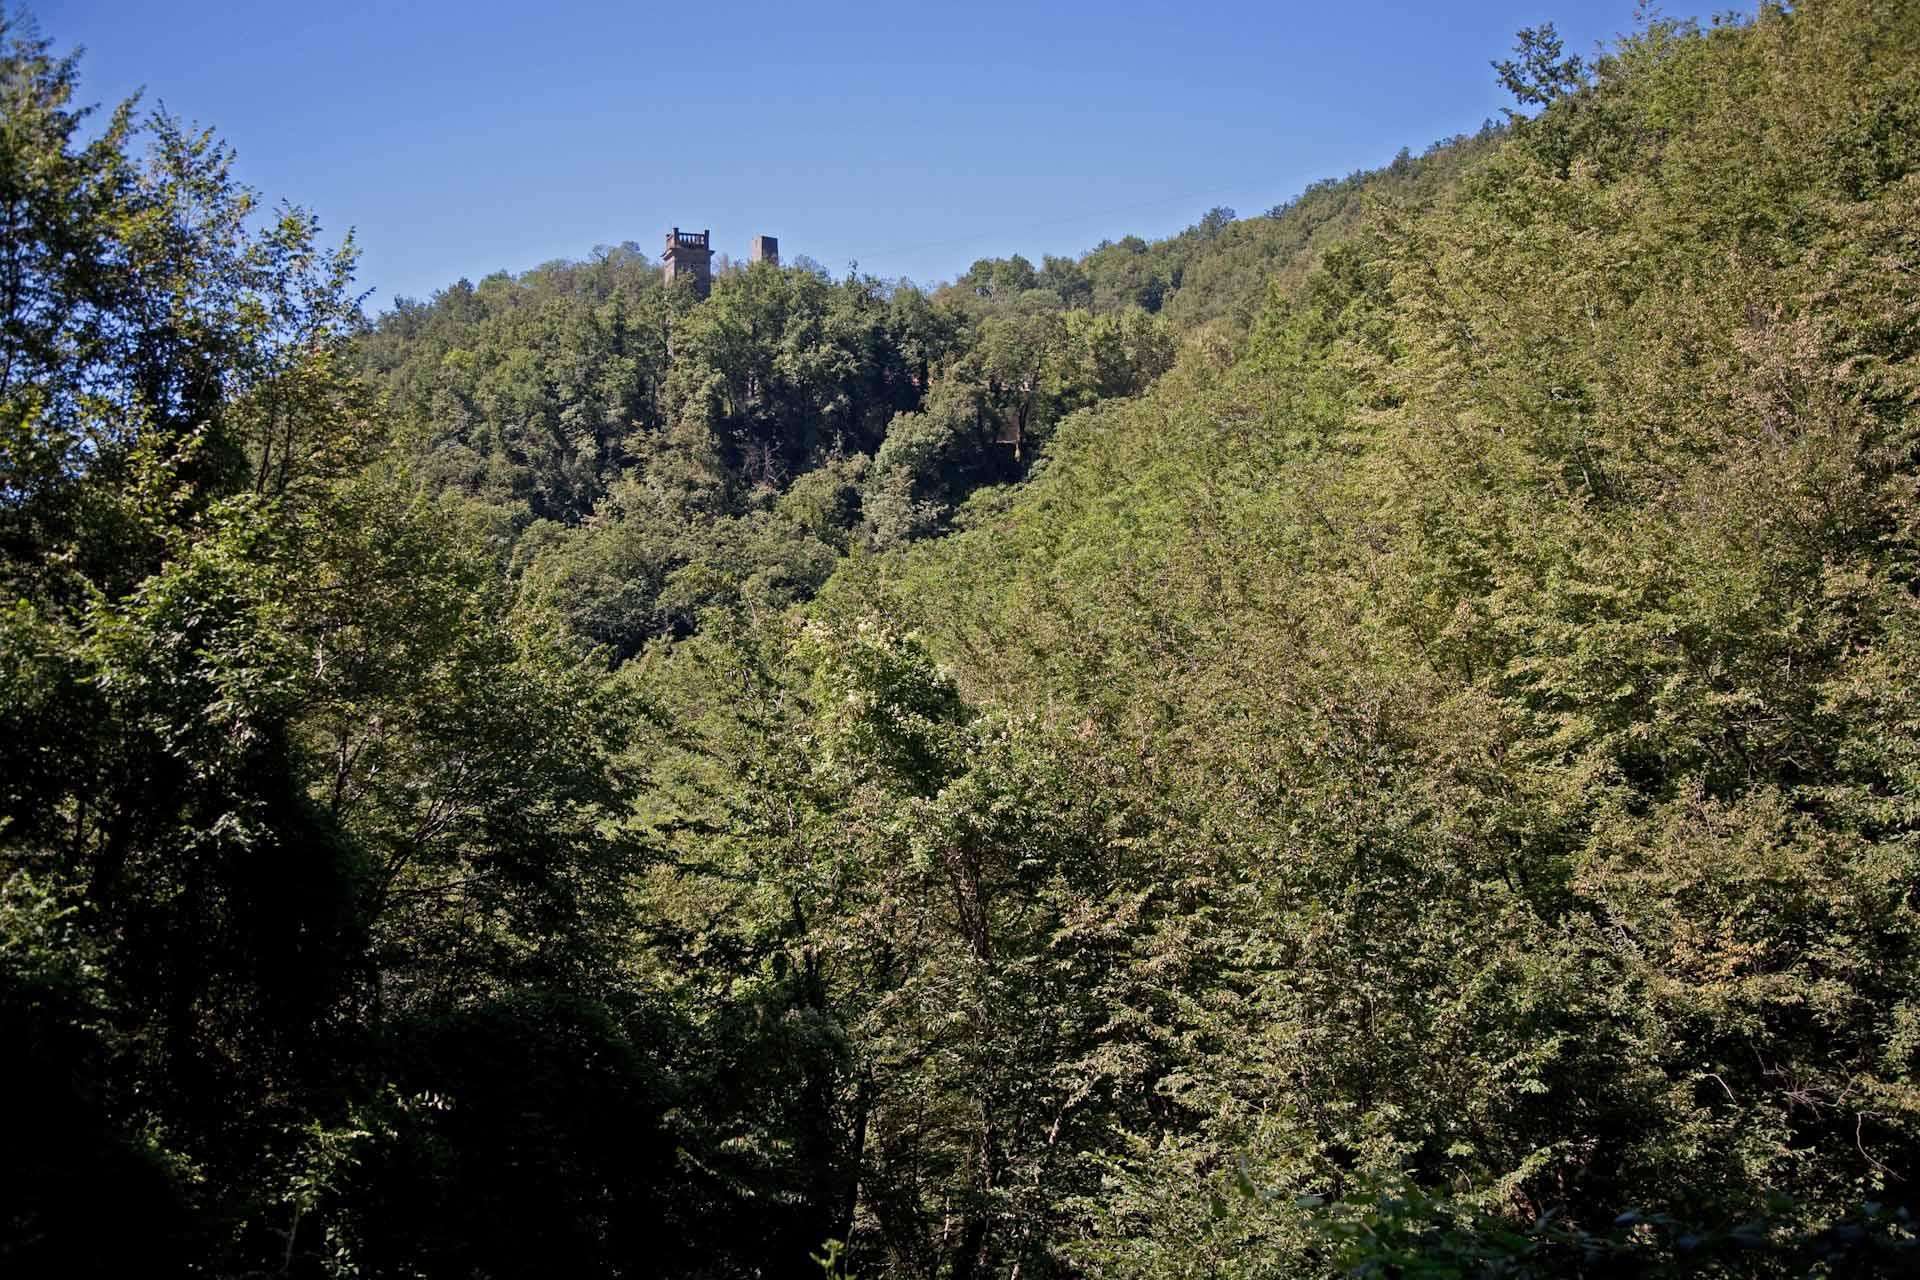 """""""Früher waren die Alpi Apuane, die Berge rund um Sant'Anna bewirtschaftet. Hoch oben ragen die Dorfkirche und das Mahnmal aus dem grünen Meer."""""""